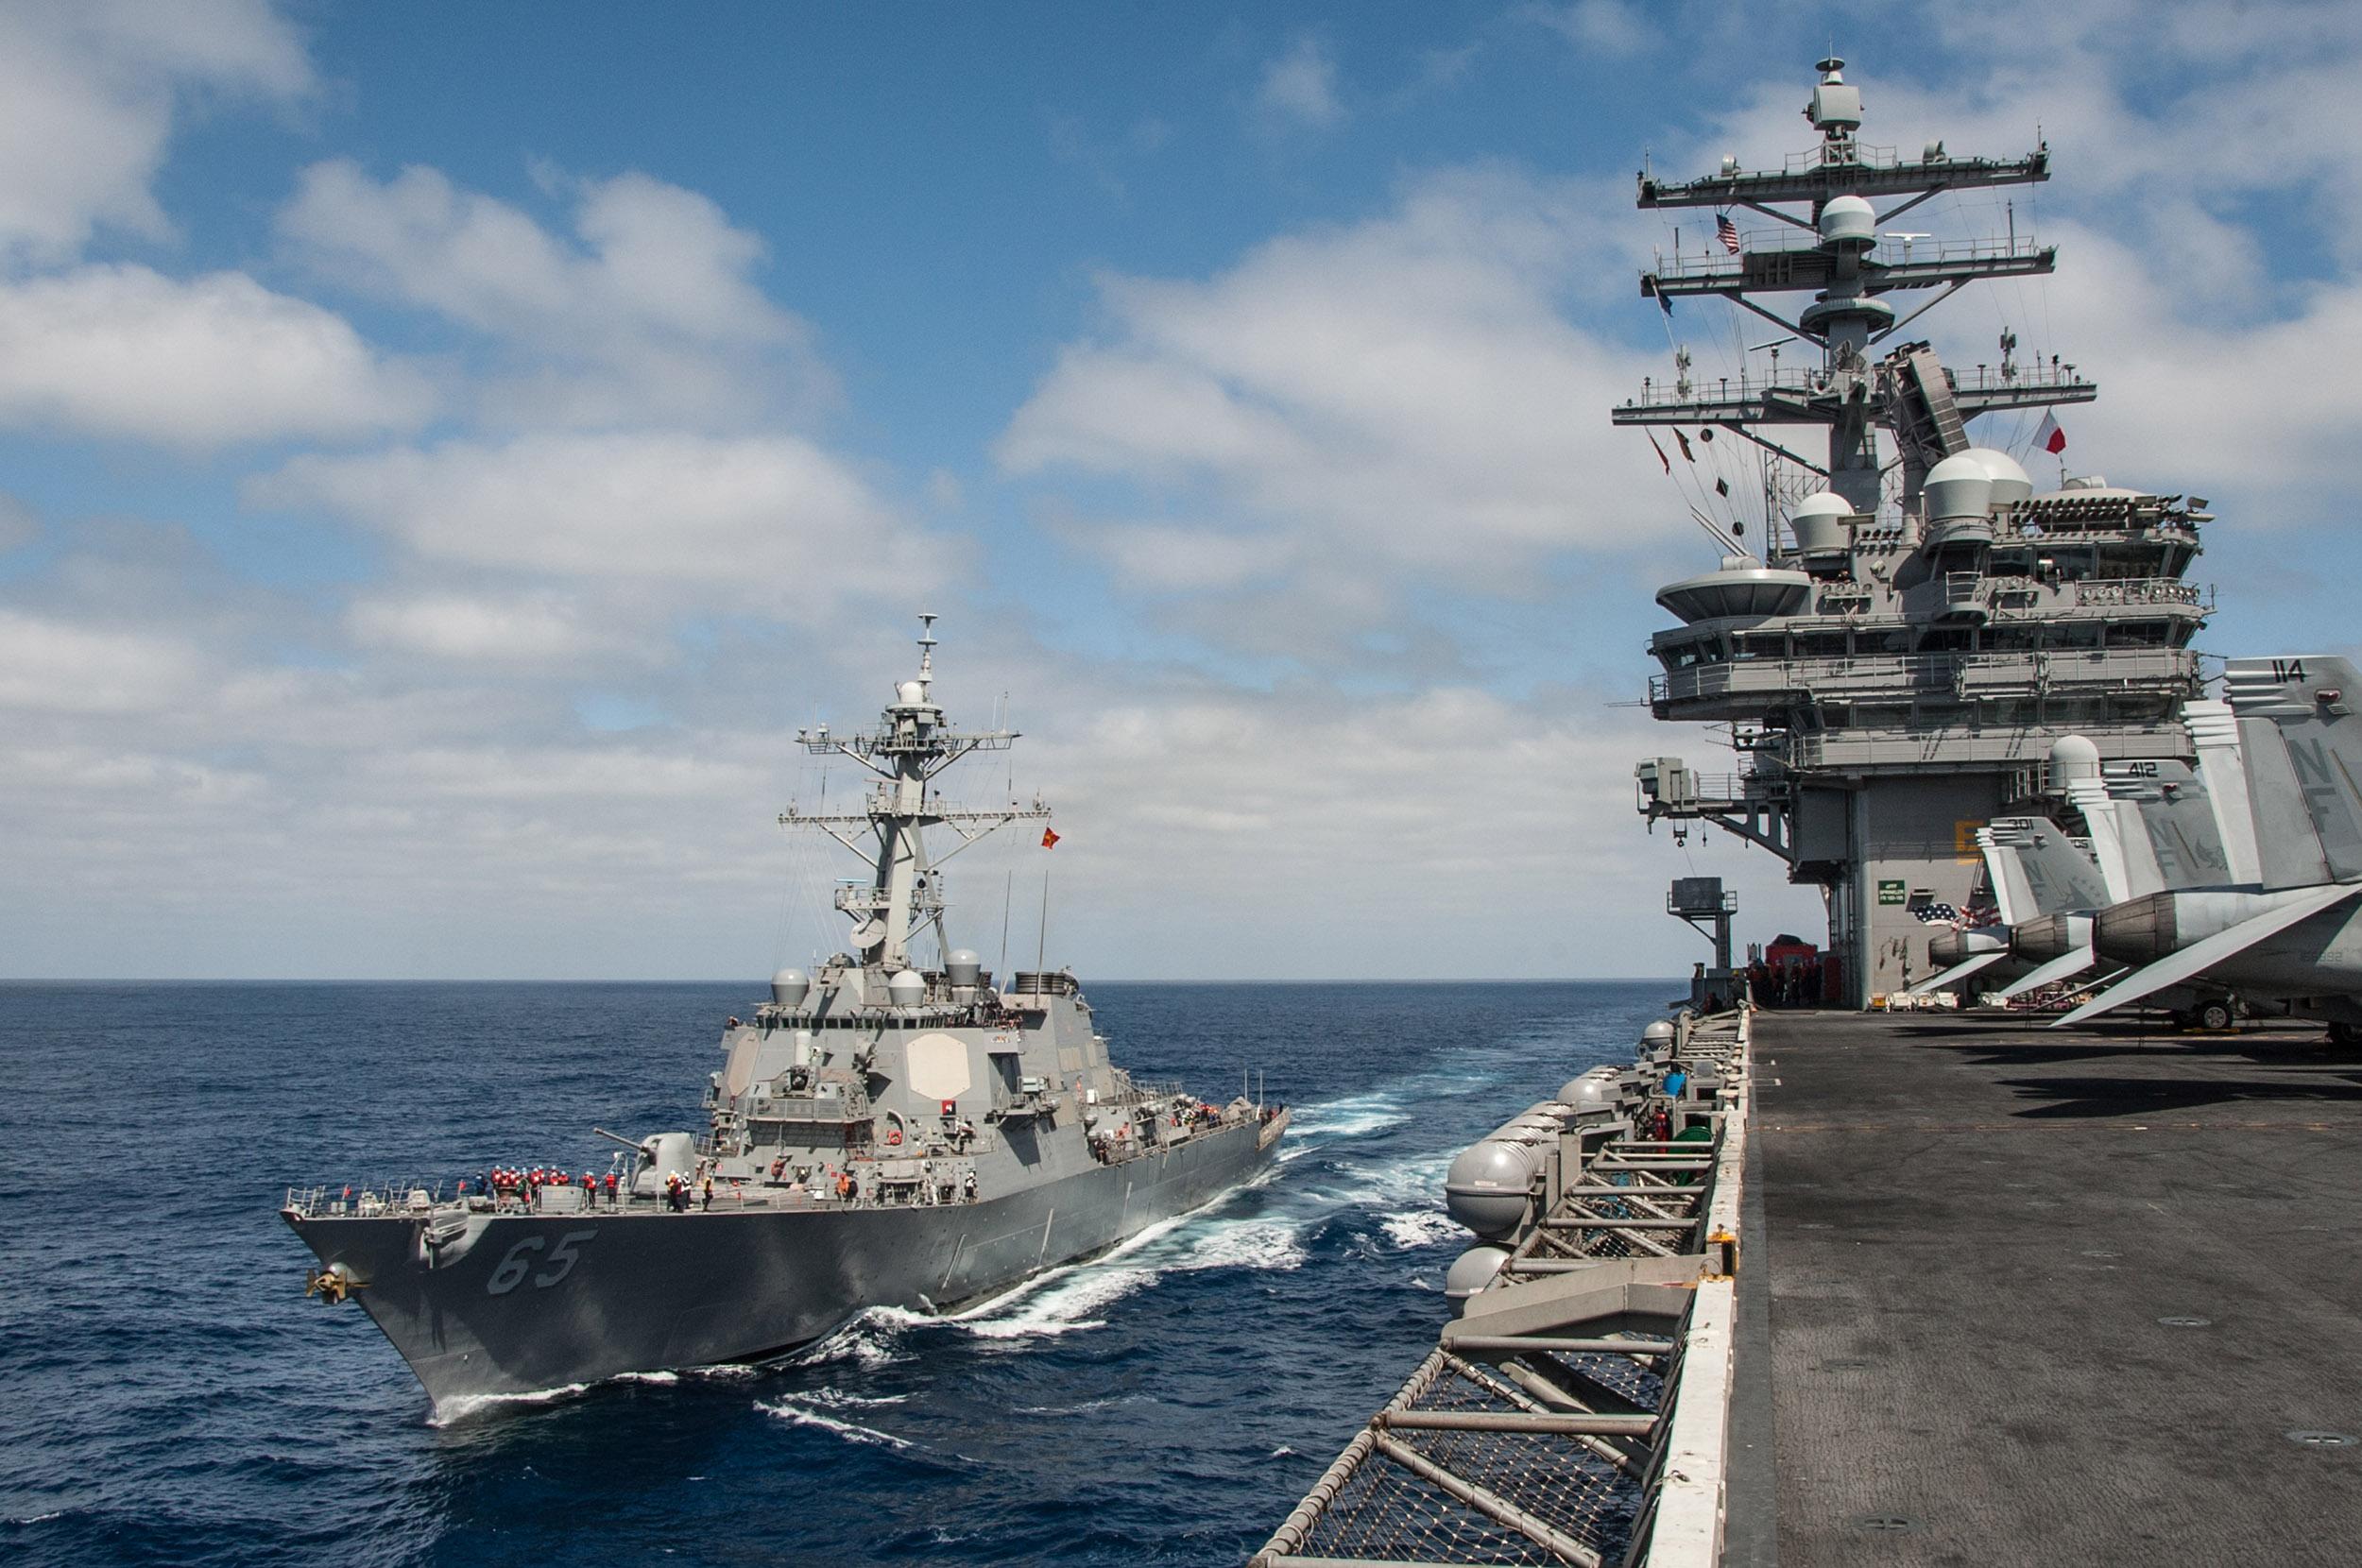 USS BENFOLD DDG-65 und USS RONALD REAGAN CVN-76 am 05.09.2015 im Pazifik Bild: U.S. Navy